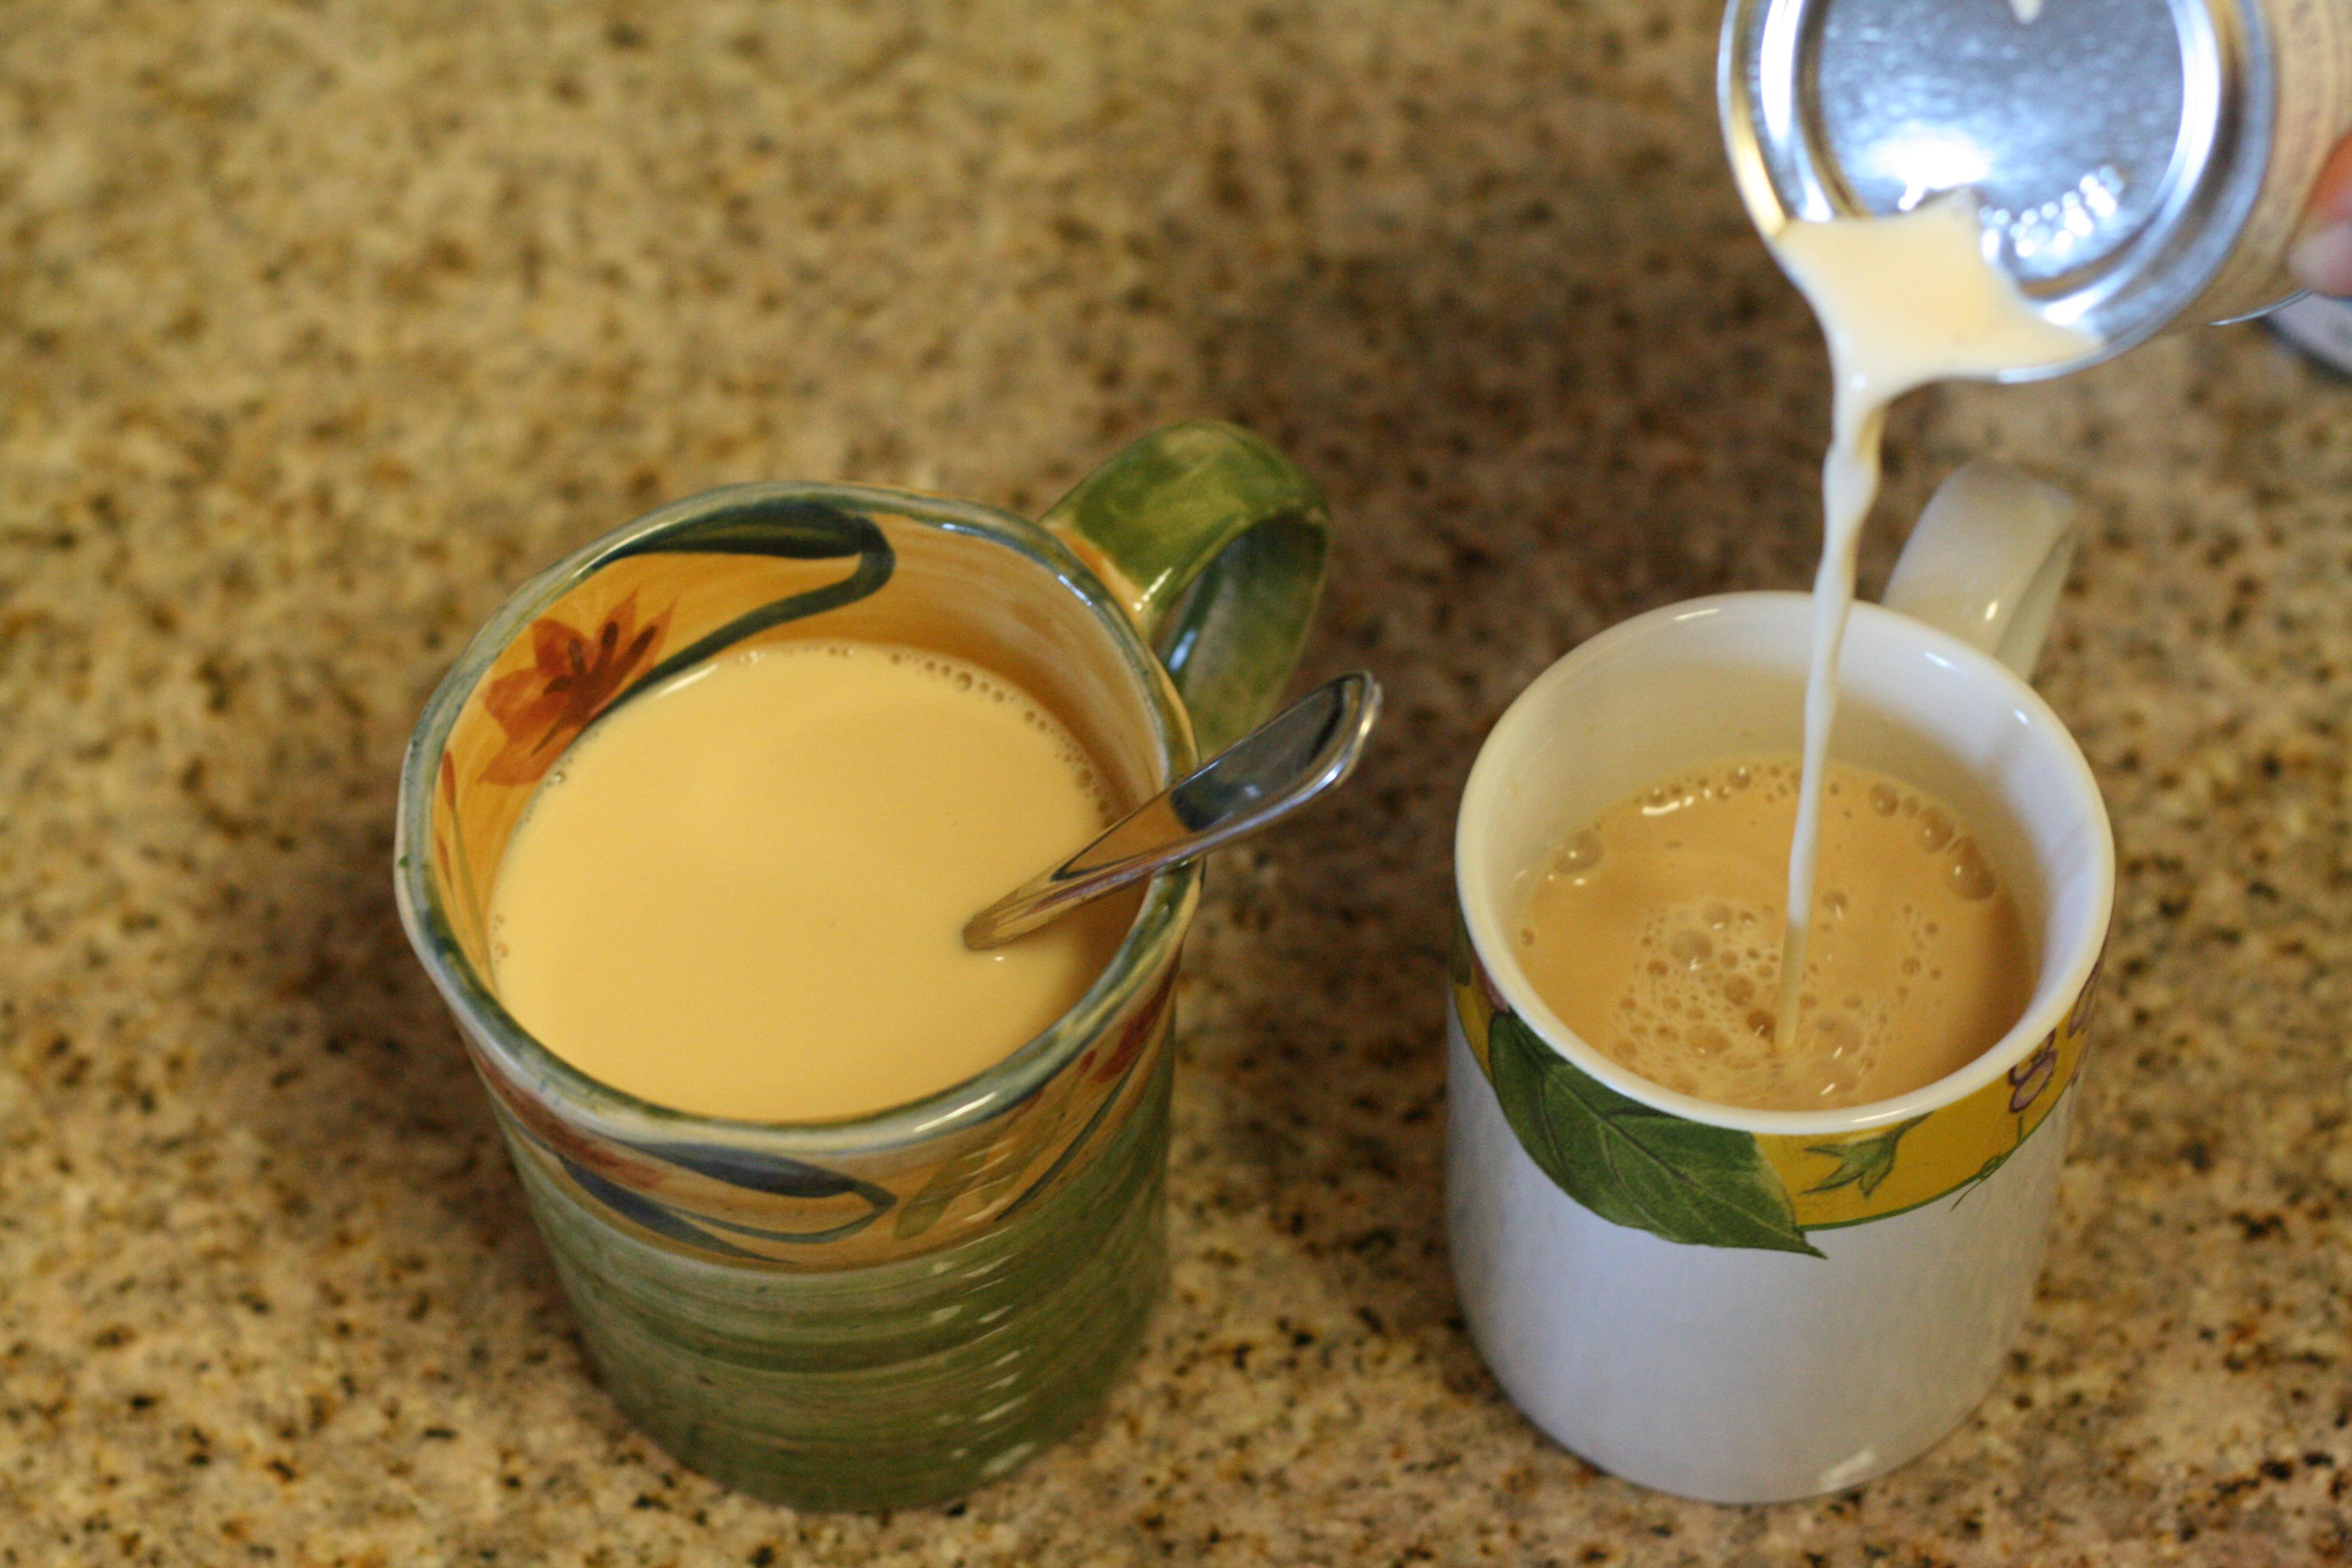 Цвет топлёное молоко в интерьере фото ...: art-galvanoplastika.ru/cvet-toplenoe-moloko-v-interere.html